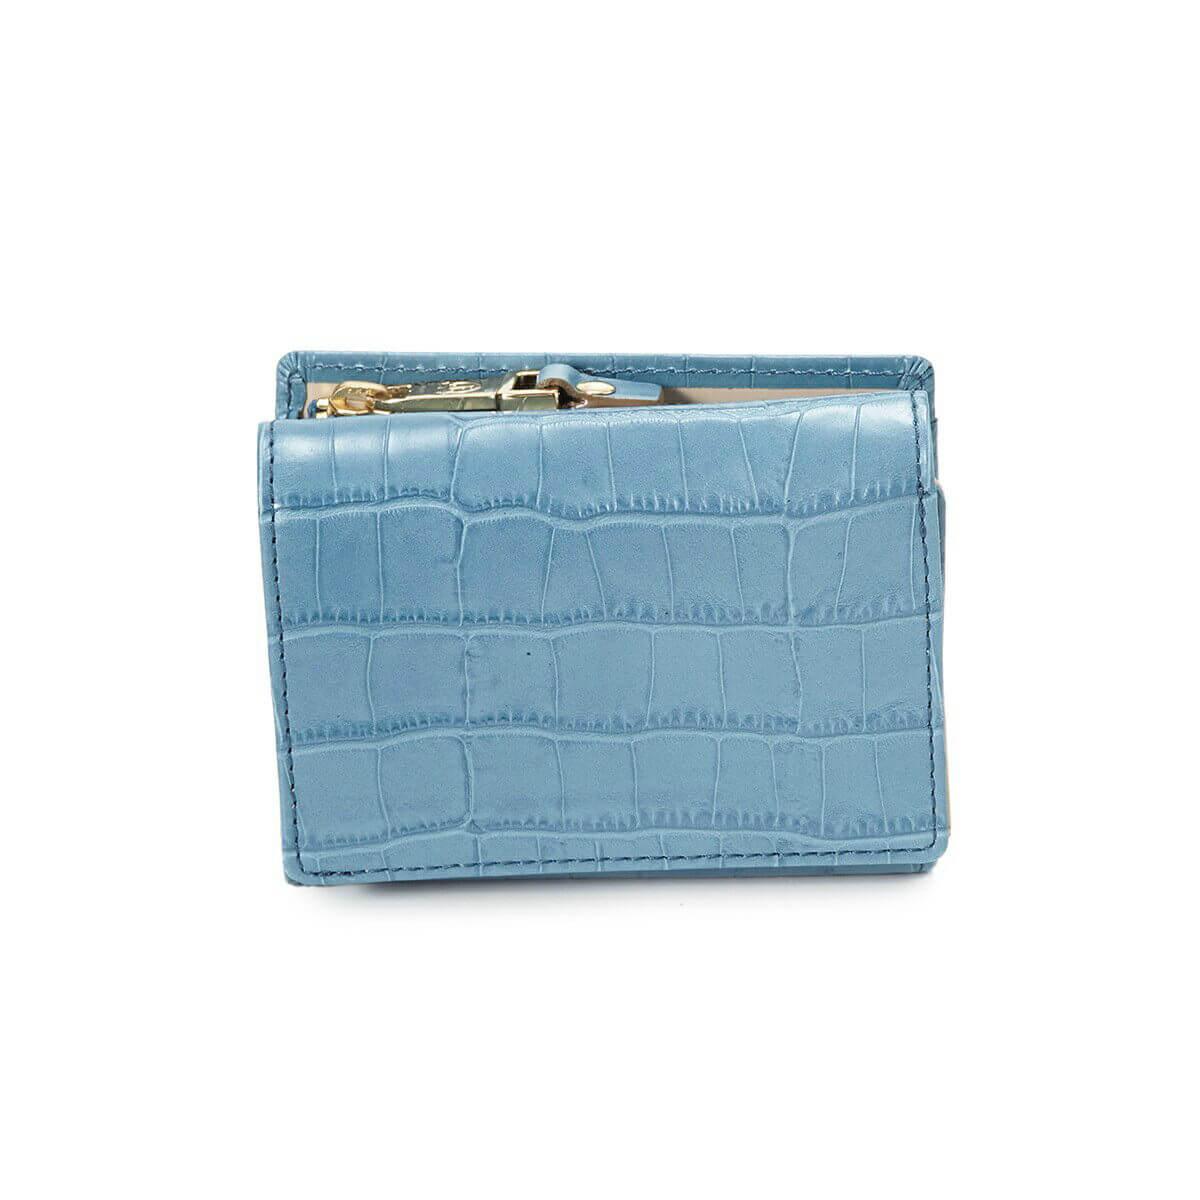 【公式】[トプカピ] TOPKAPI クロコ型押しレザー三つ折り財布 Cocco コッコ